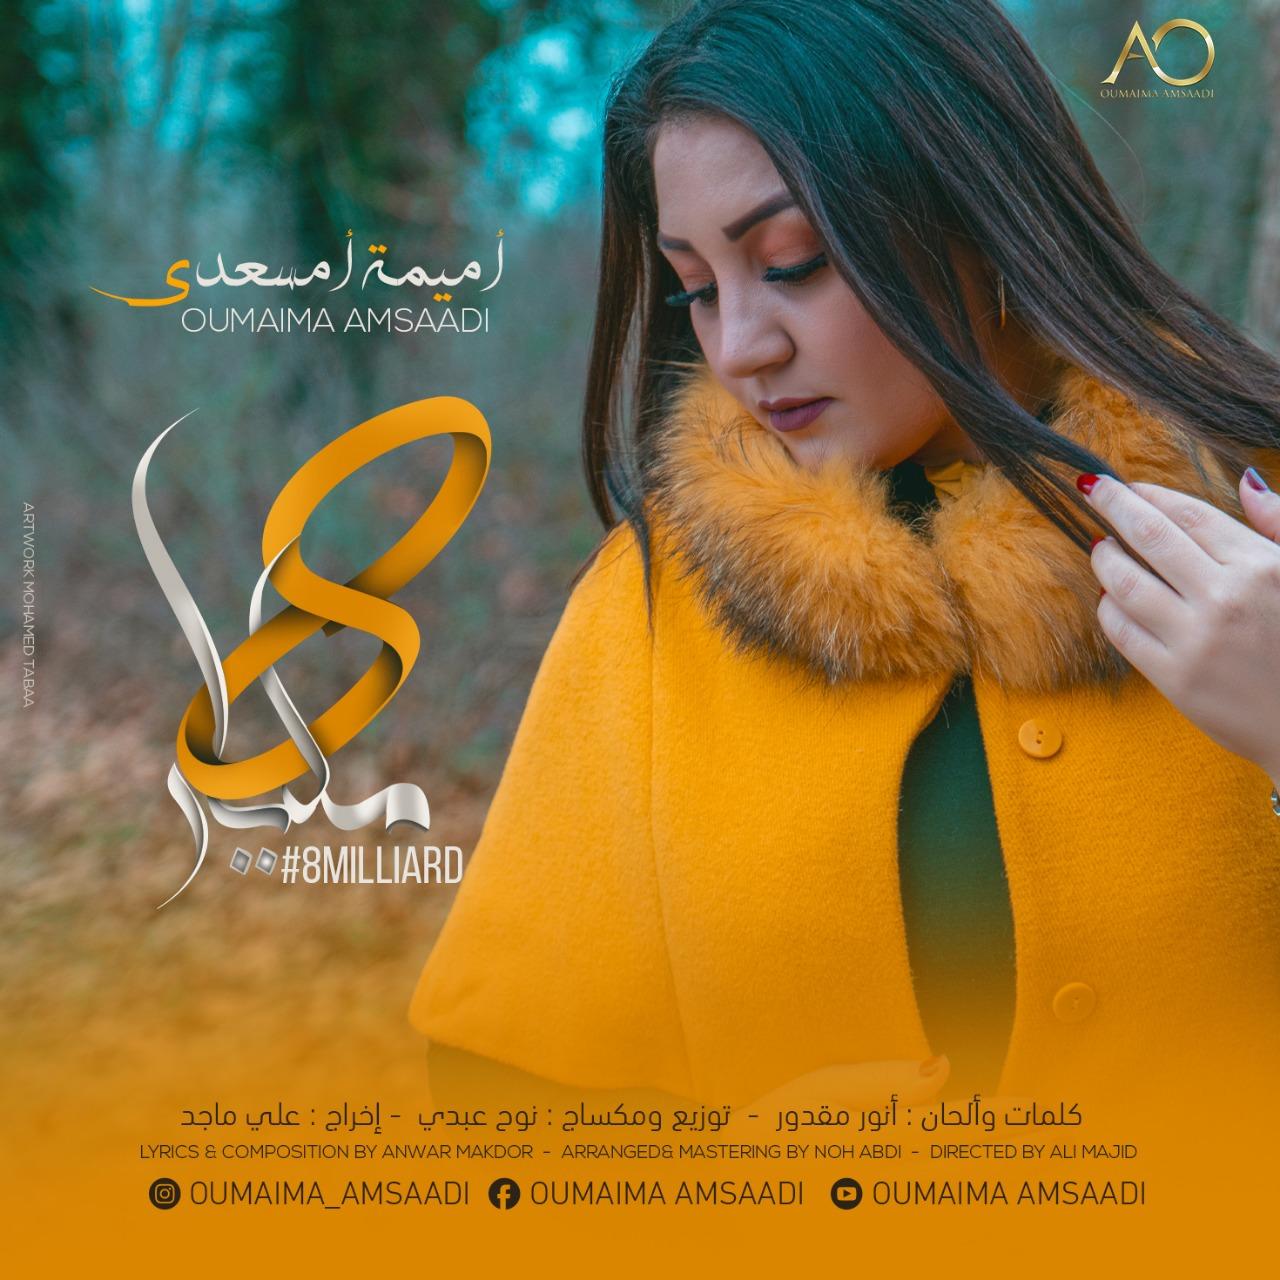 أميمة أمسعدي تطلق أغنيتها الجديدة تزامنا مع عيد الحب